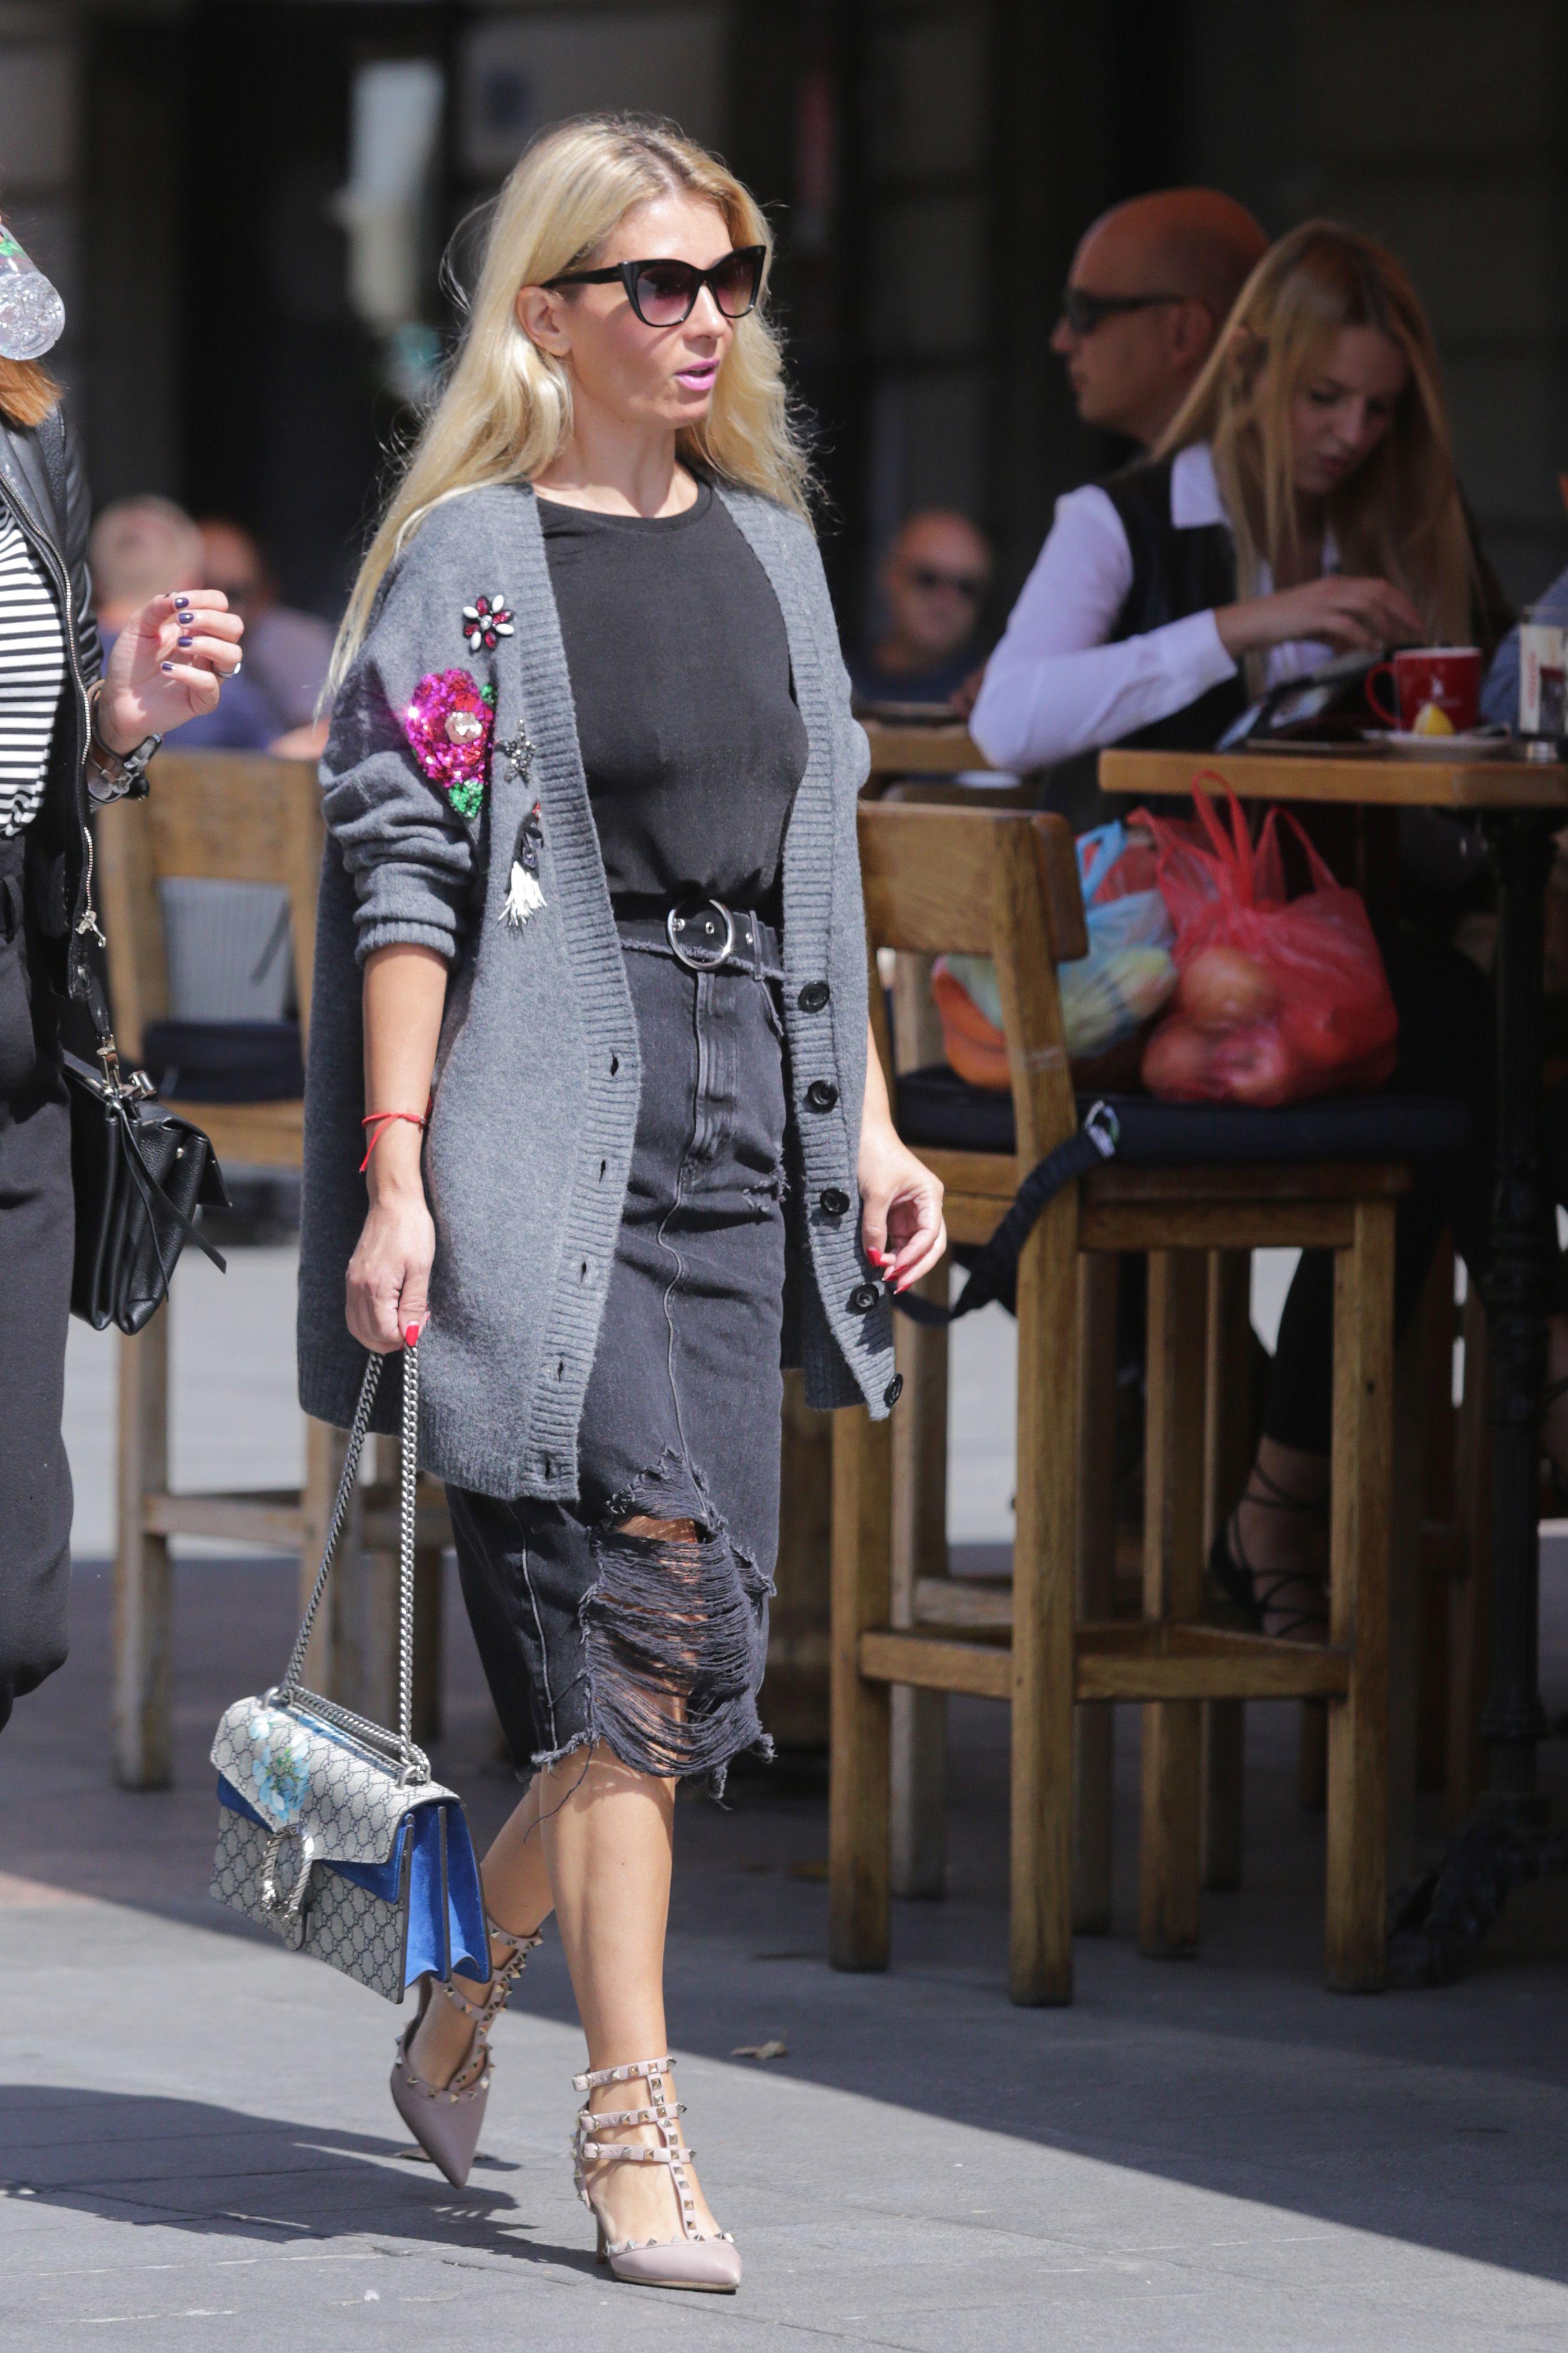 Zanimljivu odjevnu kombinaciju upotpunila vrtoglavo skupim cipelama i torbom